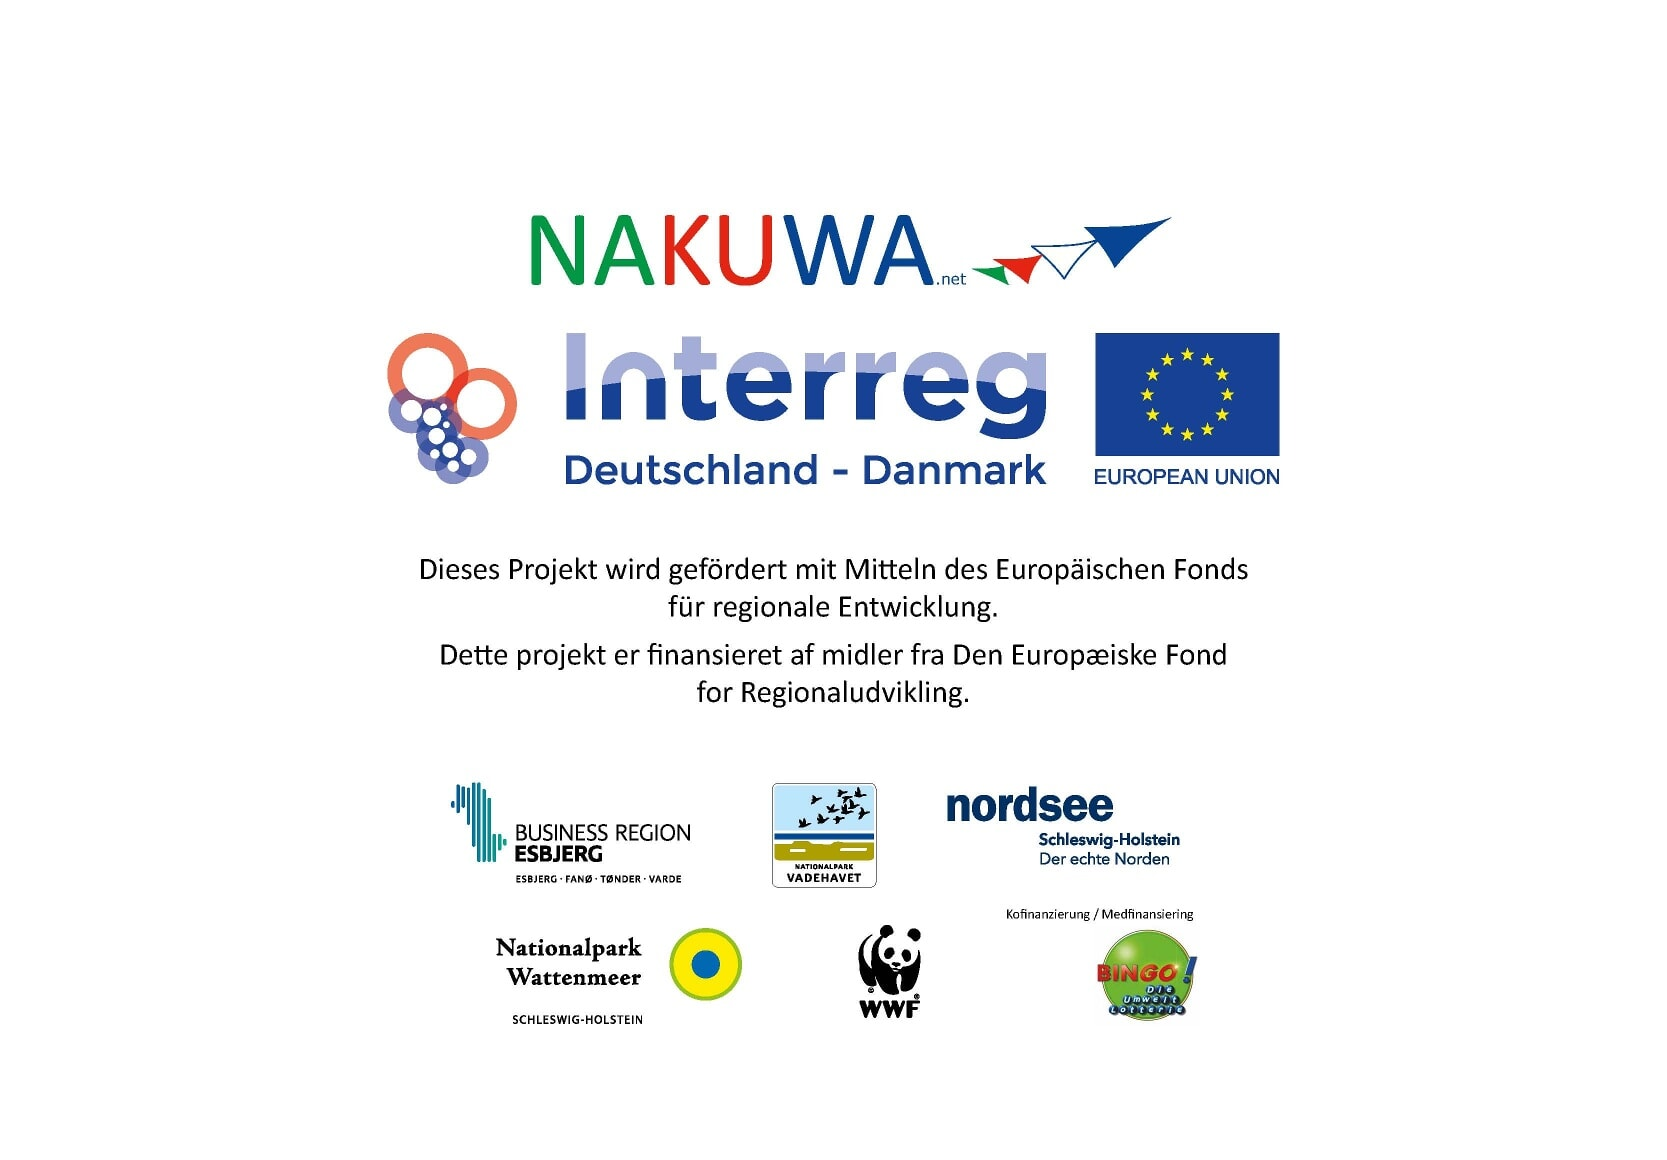 Diese Tour wurde im Rahmen des Interreg-Projekts NAKUWA erstellt.